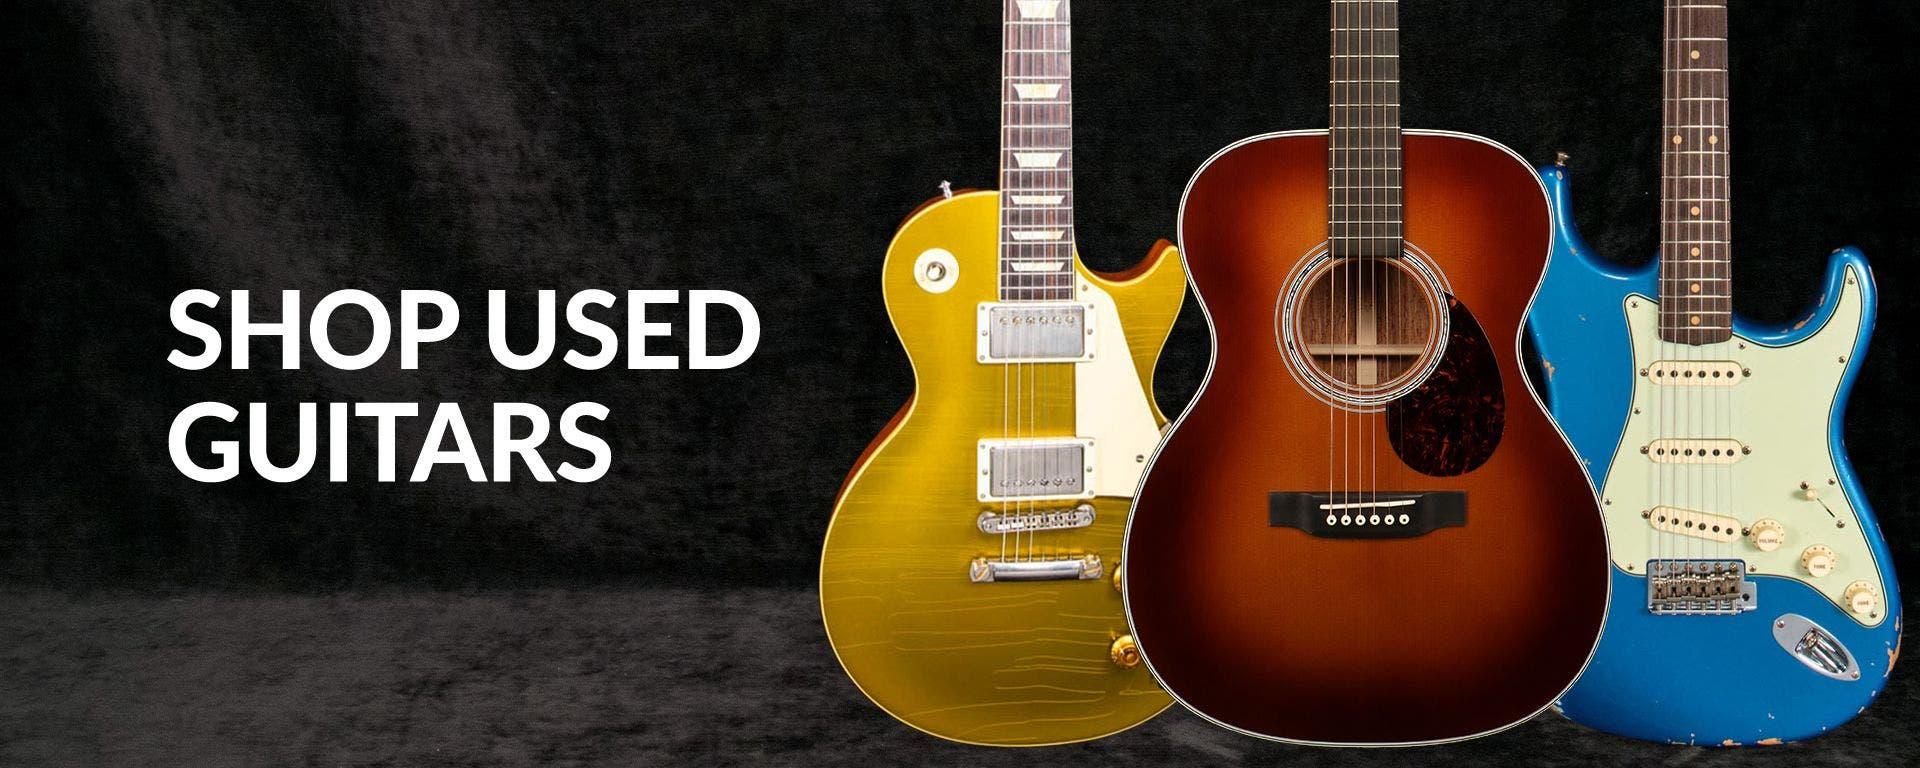 Used Guitars at Sam Ash